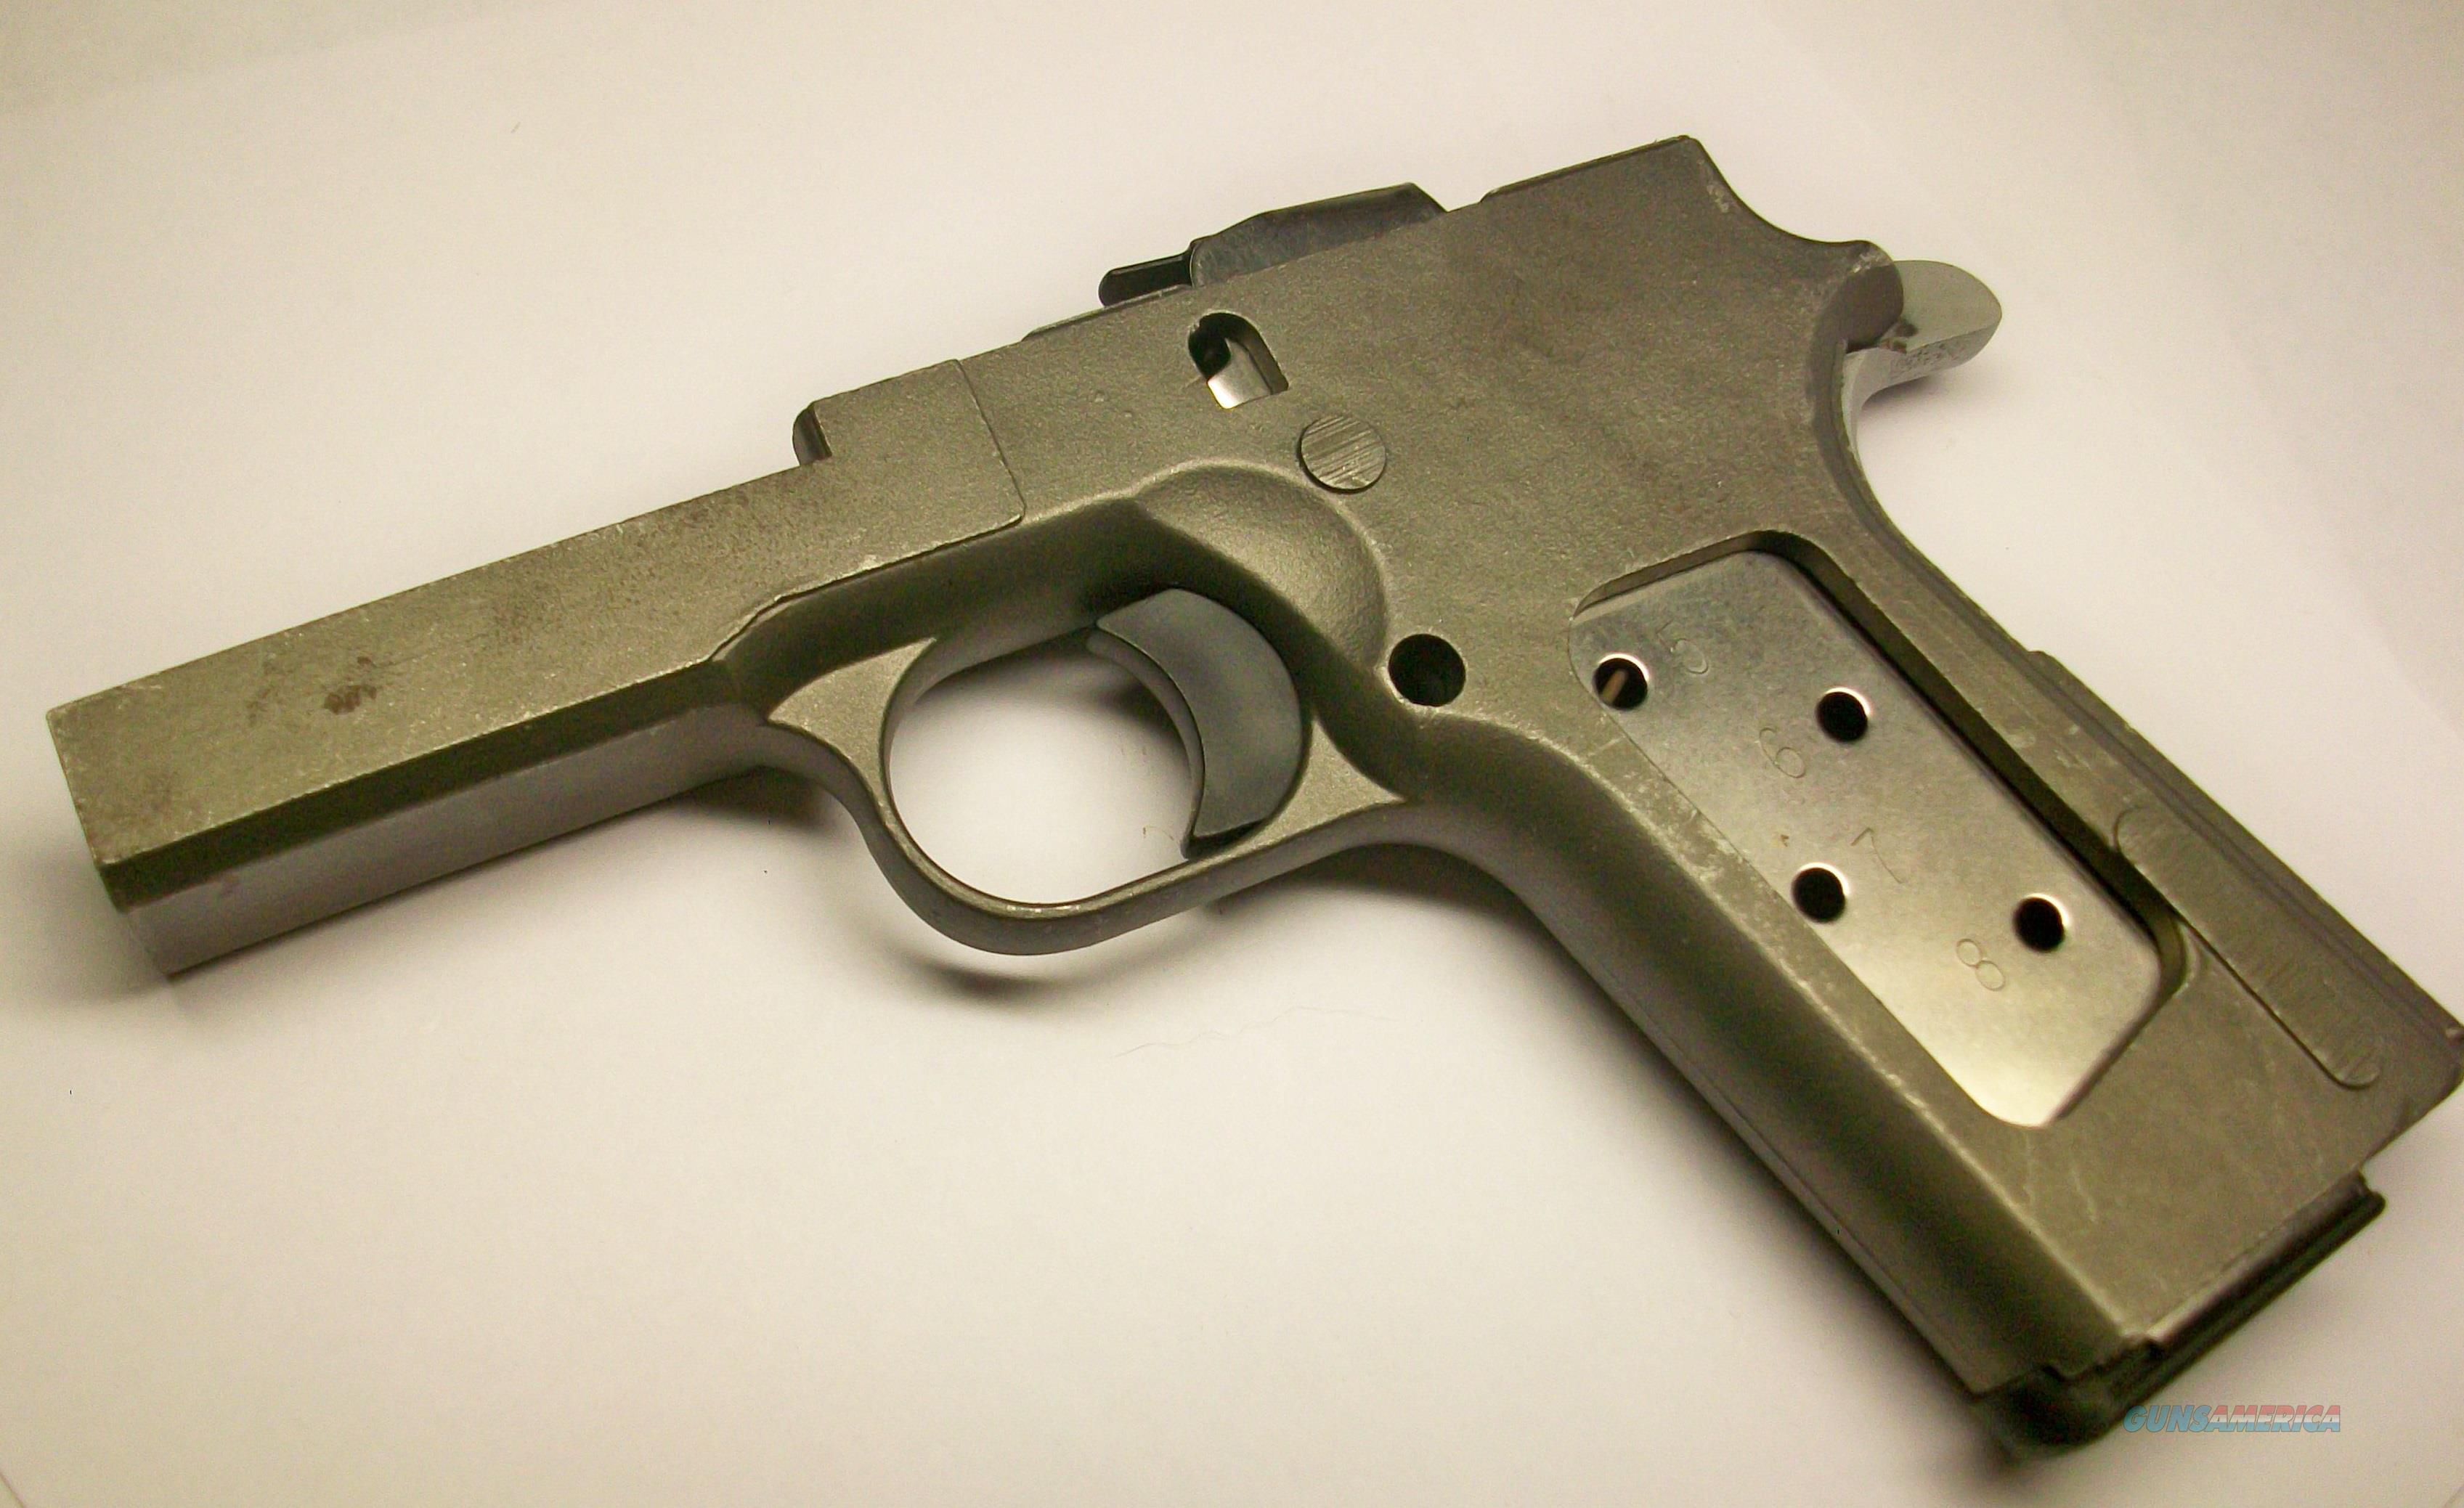 Colt 1911 gunsmithing manual